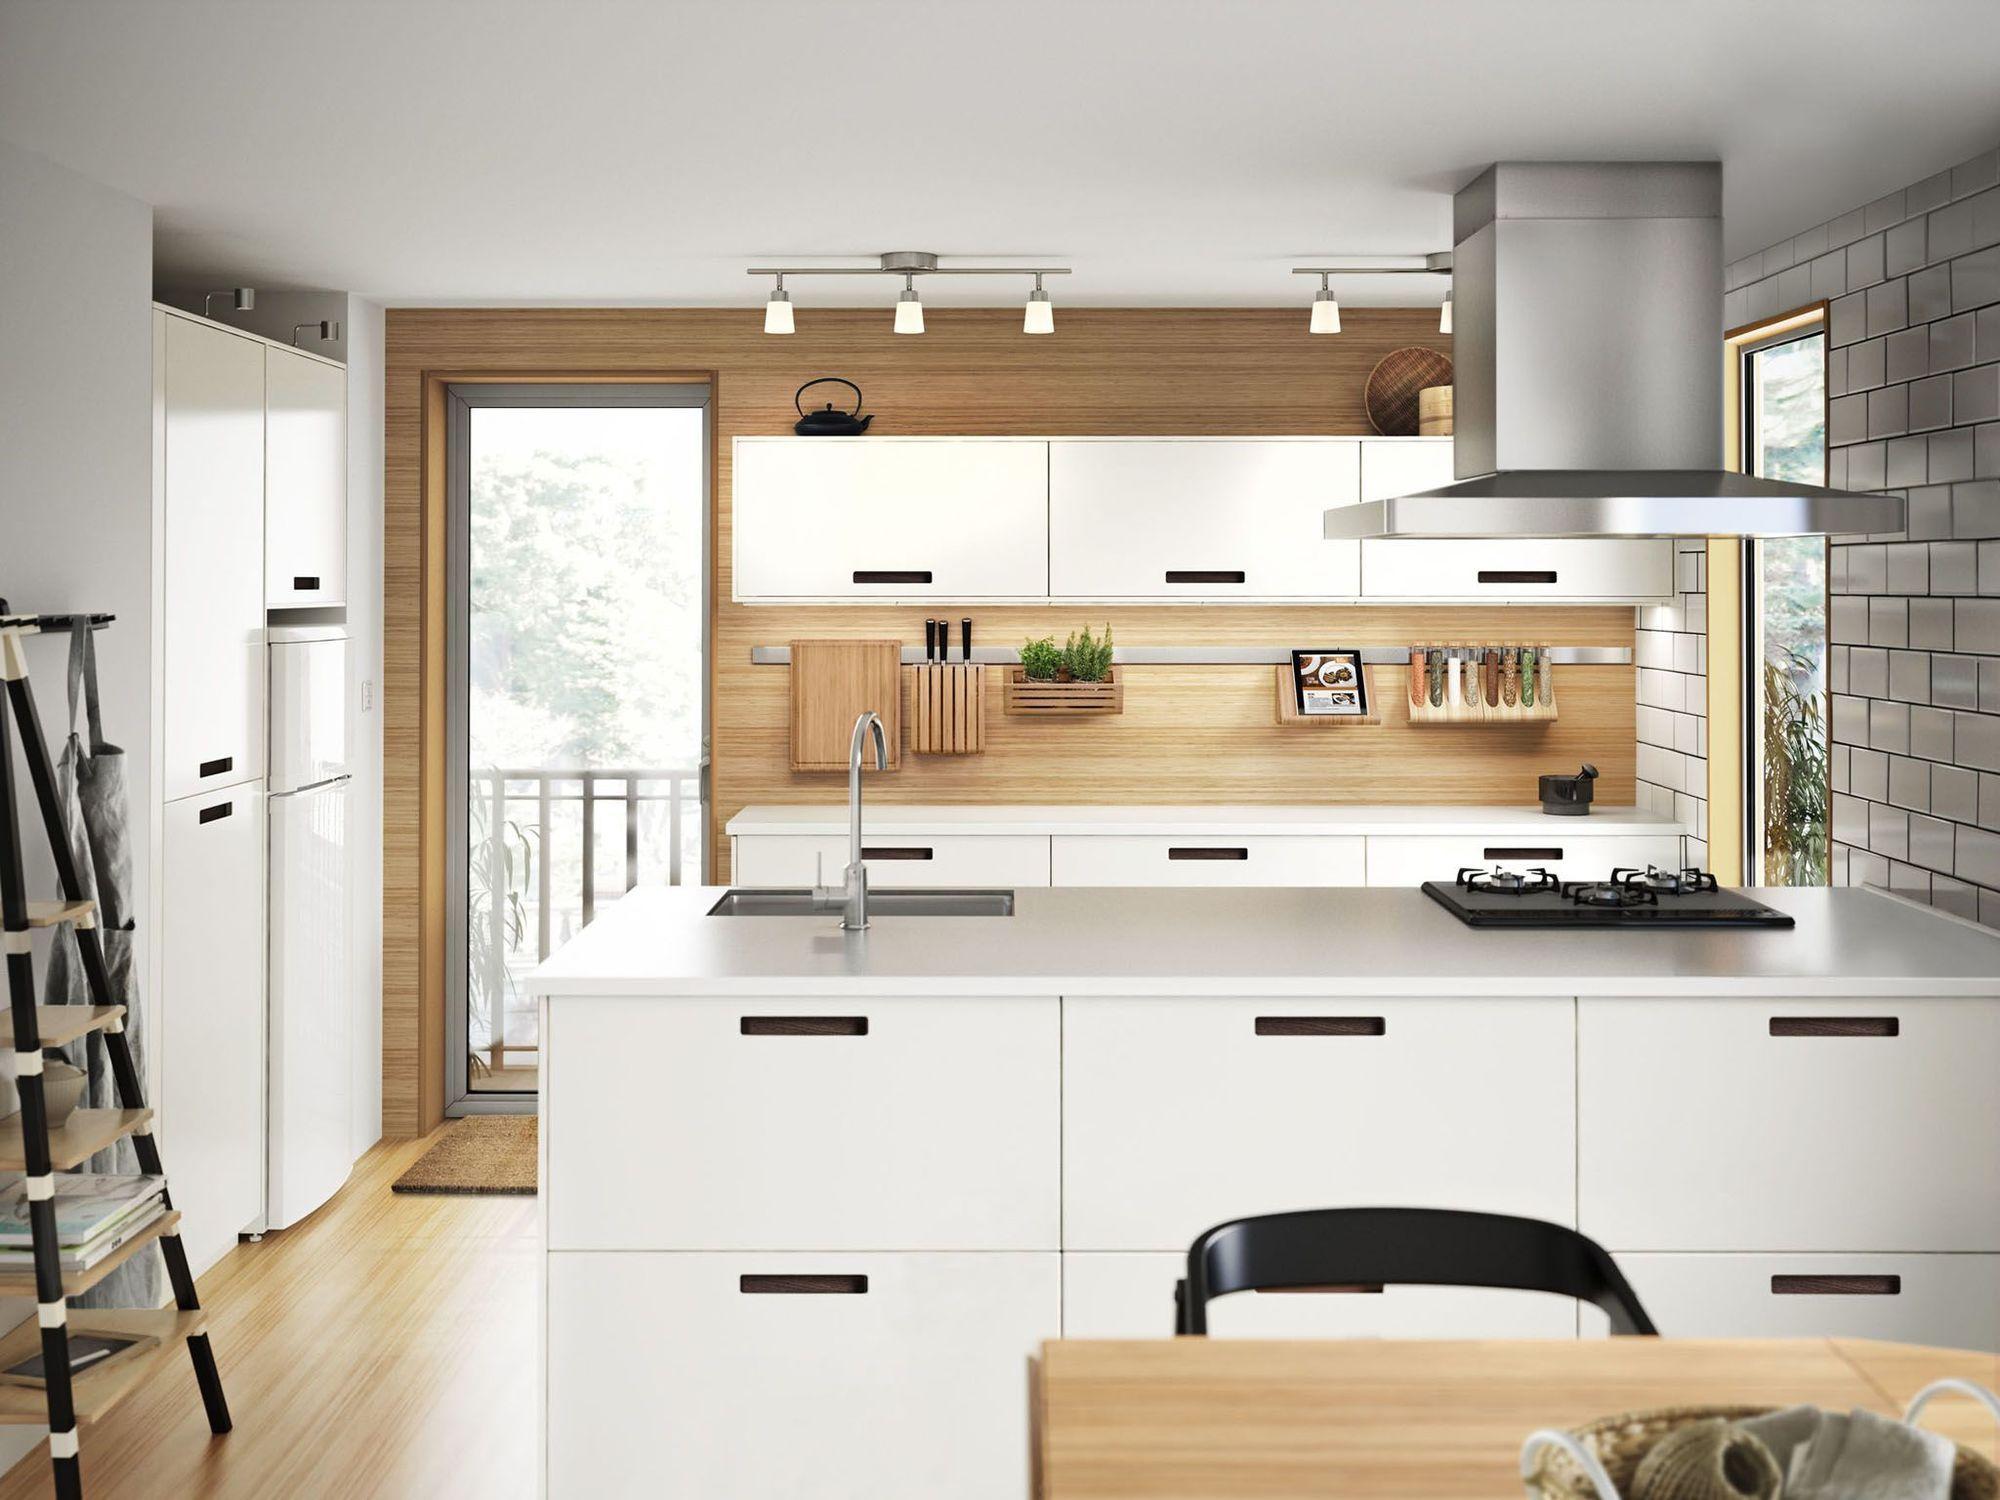 Pin By Hall Good On Kitchen Cuisine Ikea Ikea Kitchen Ikea